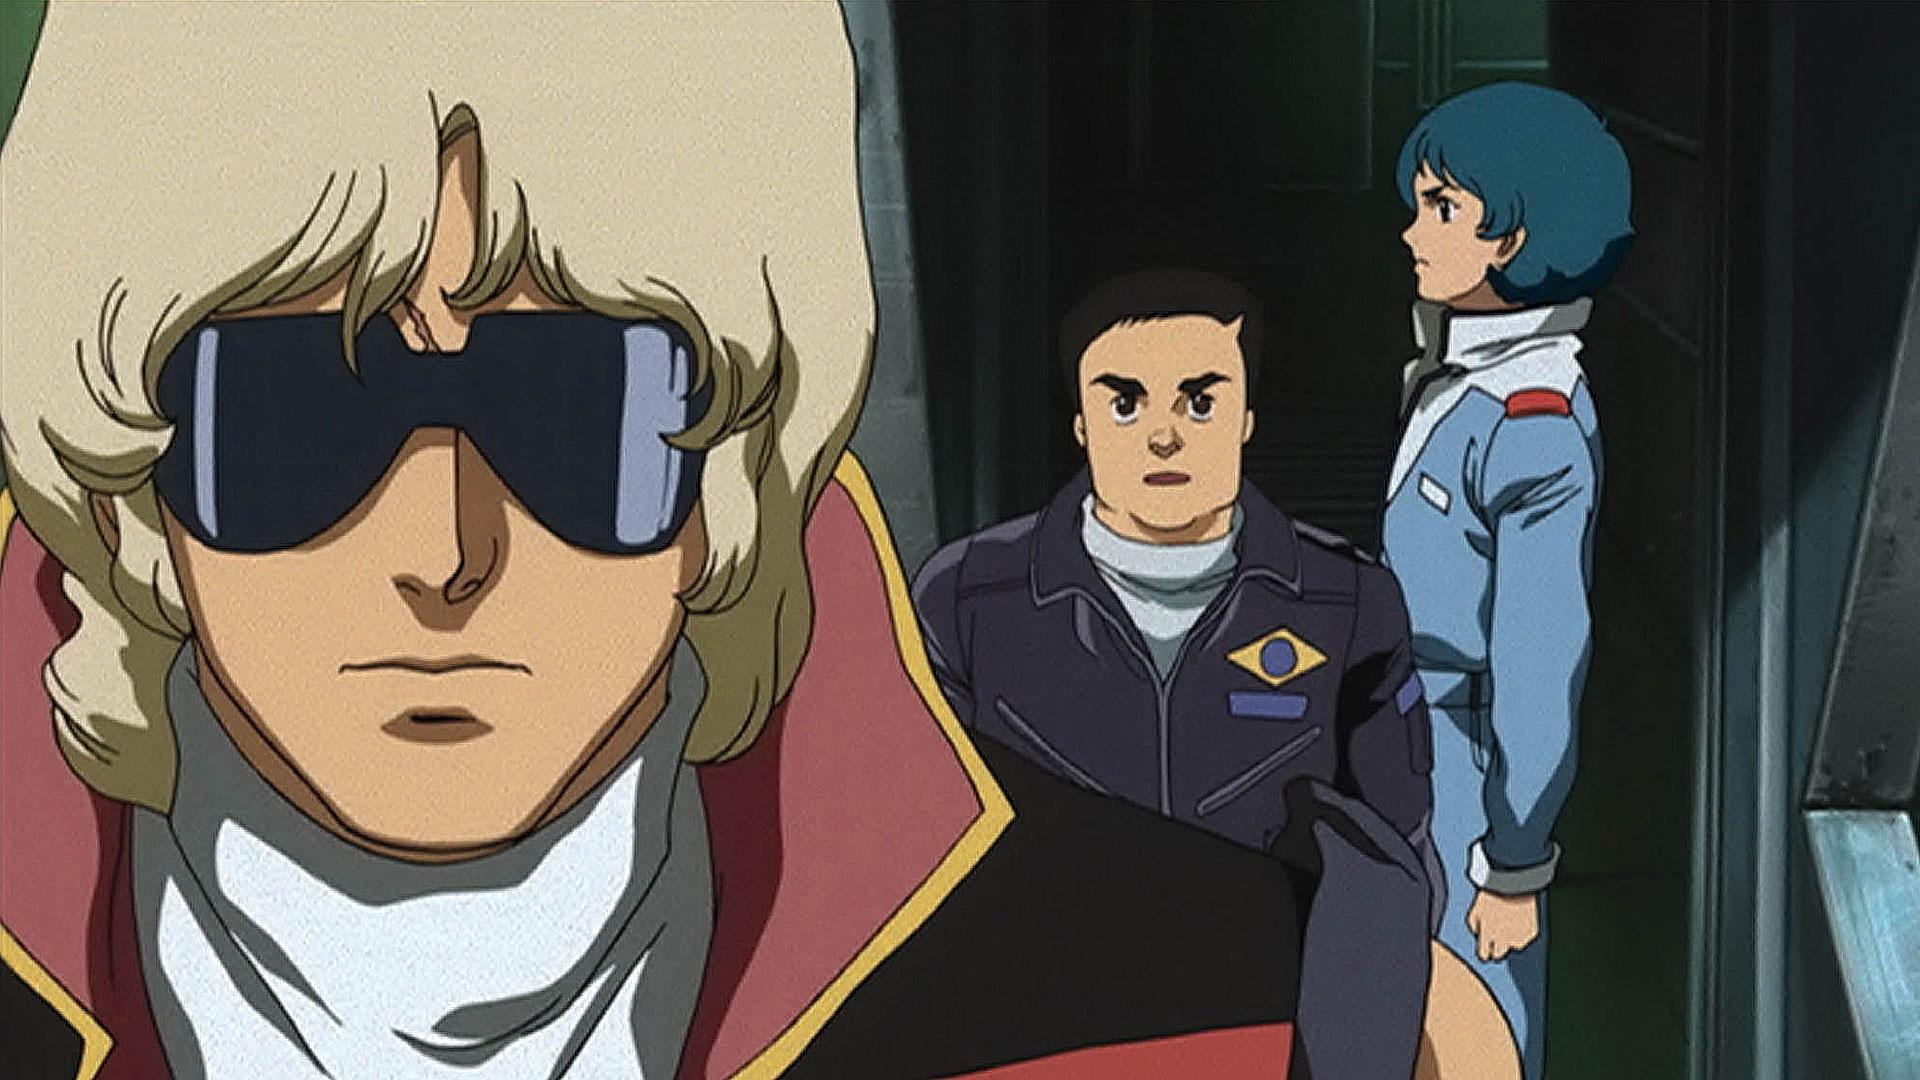 機動戦士Ζガンダム -星を継ぐ者-